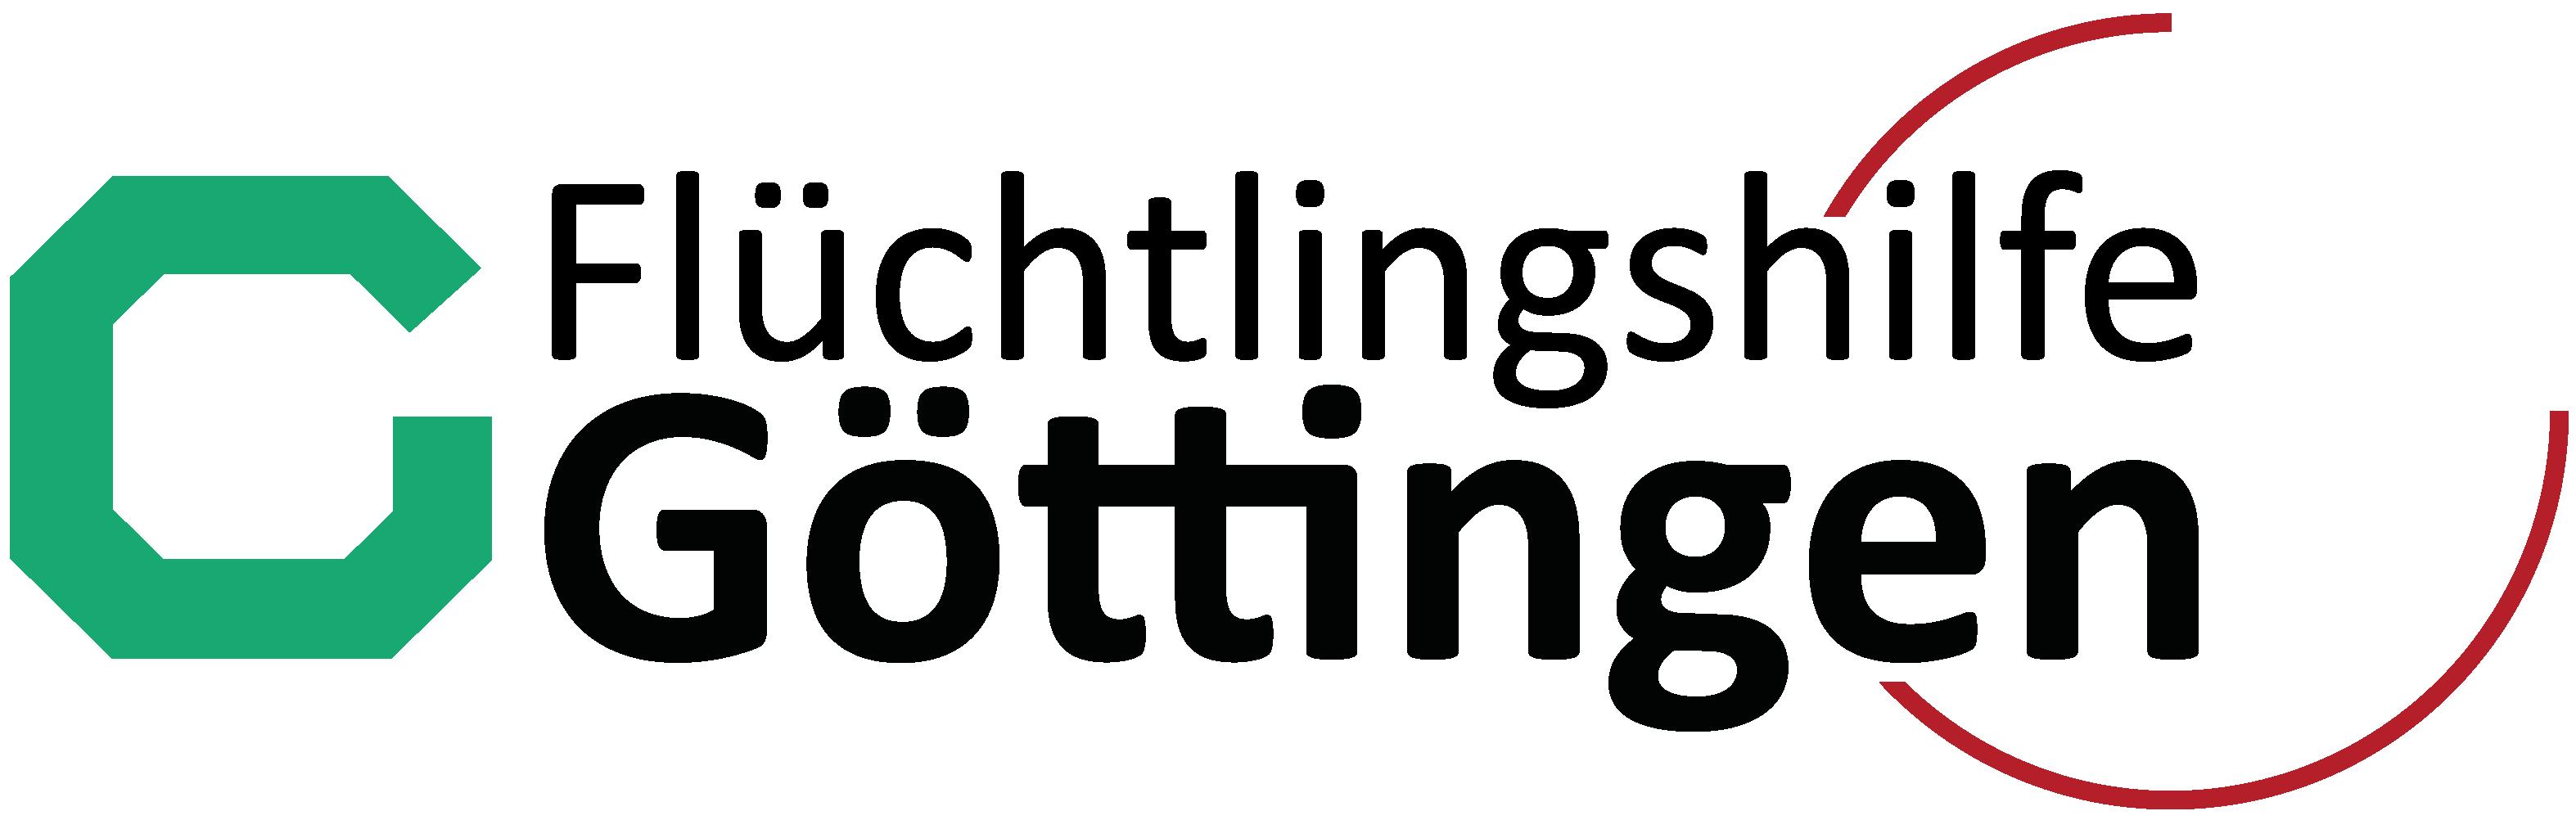 https://www.fluechtlingshilfe-goettingen.de/wp-content/uploads/2015/11/fluechtlingshilfe-goettingen.png